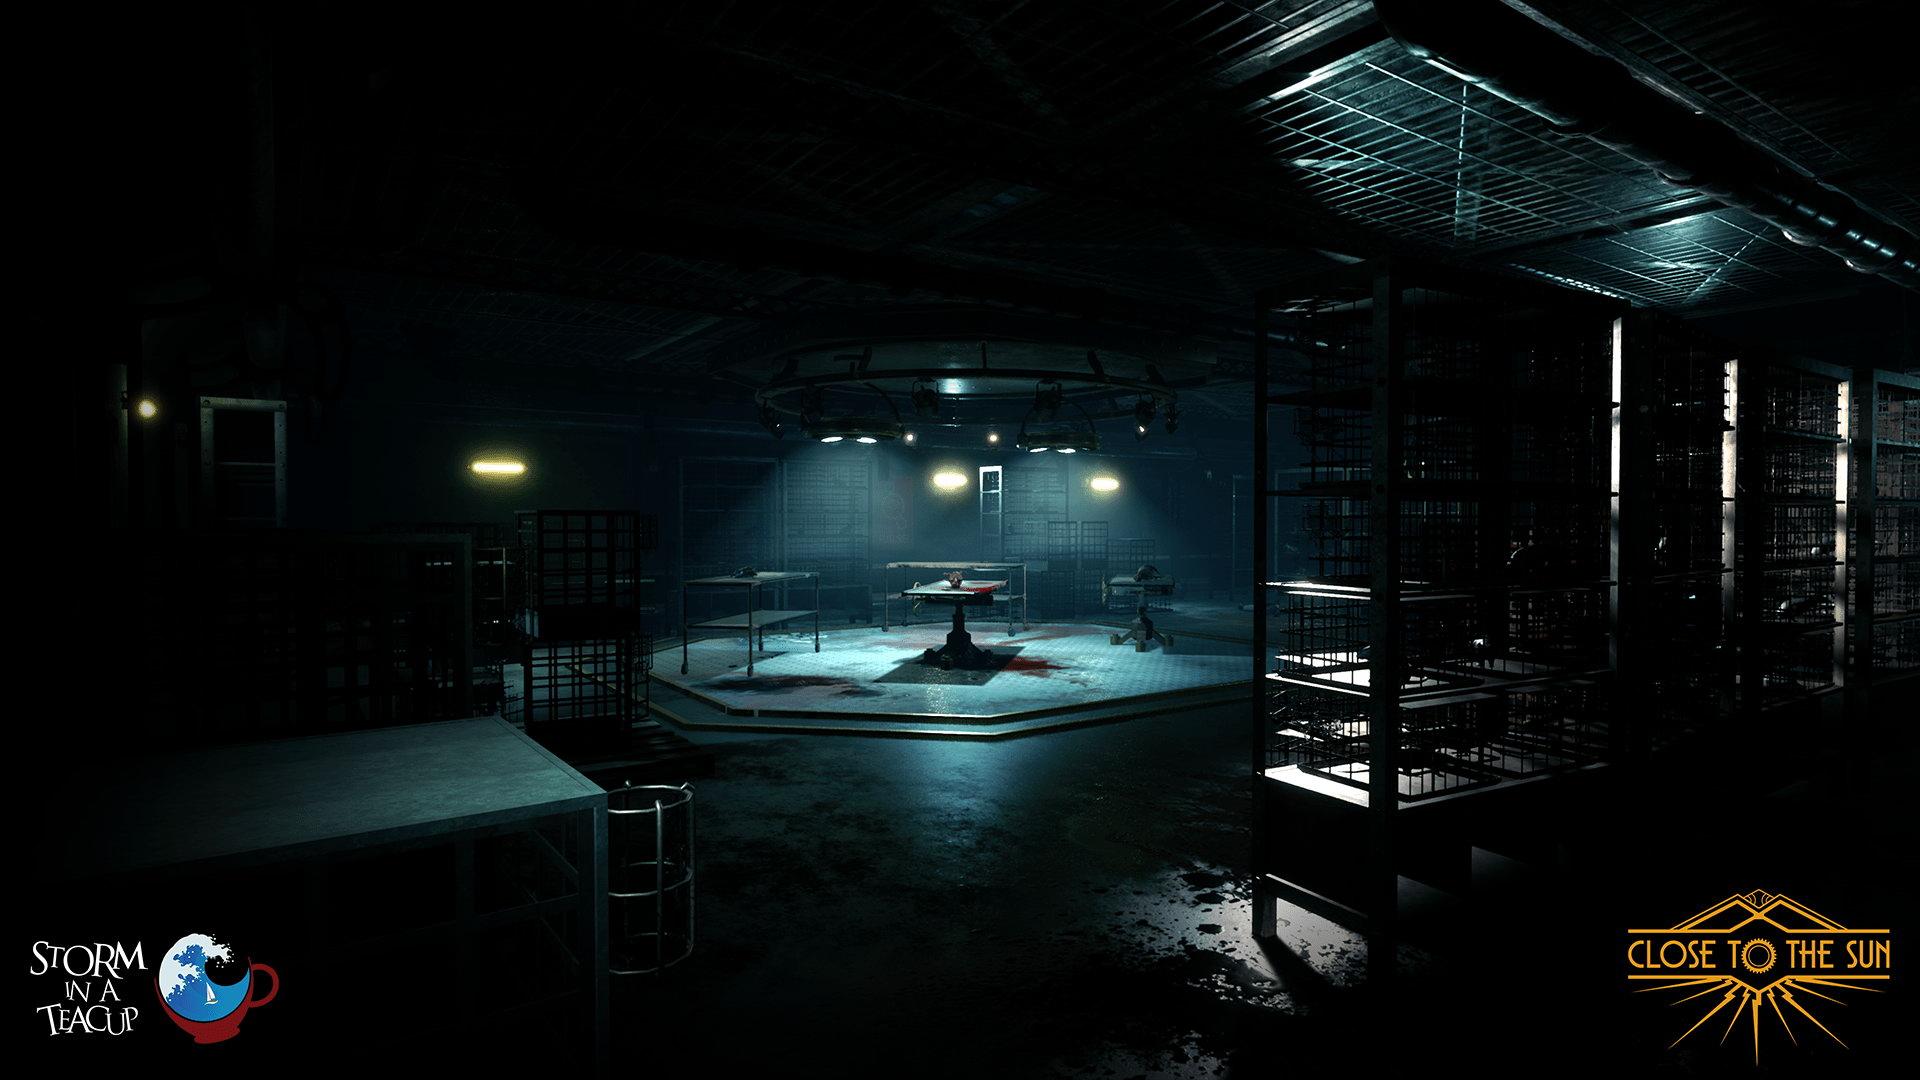 恐怖游戏《靠近太阳》新截图放出 惊悚体验画面逼真